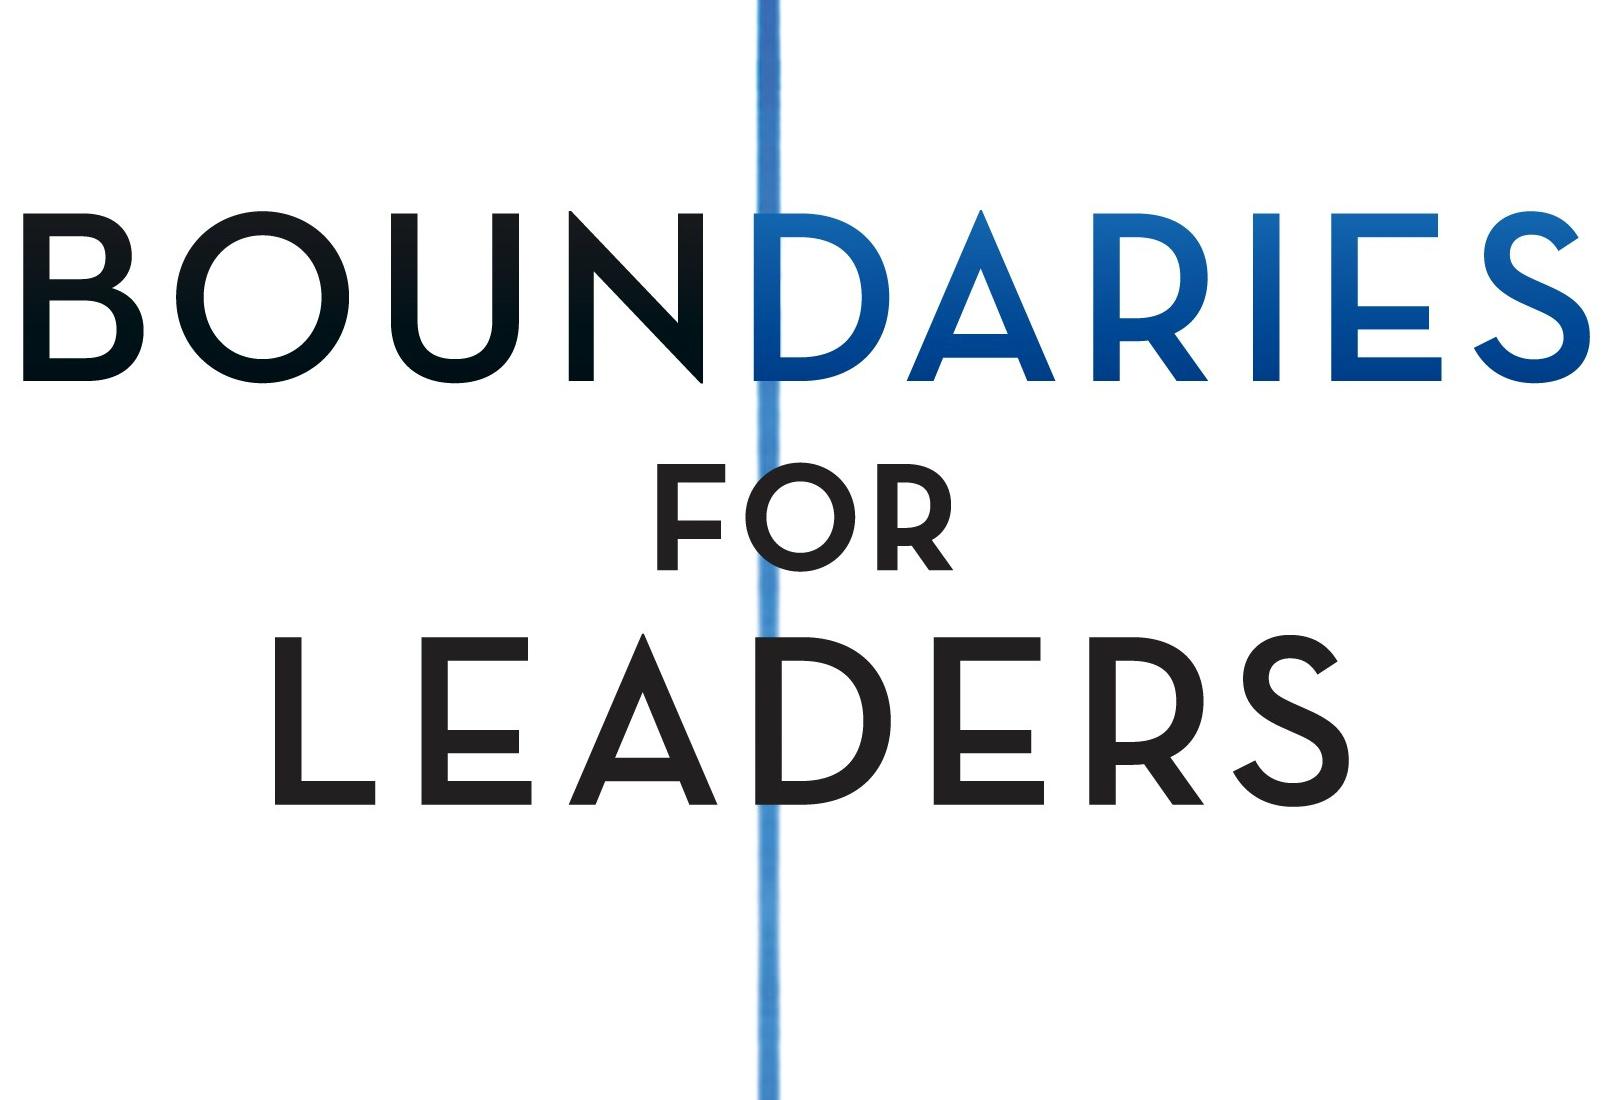 Boundaries-for-Leaders-FI.jpg